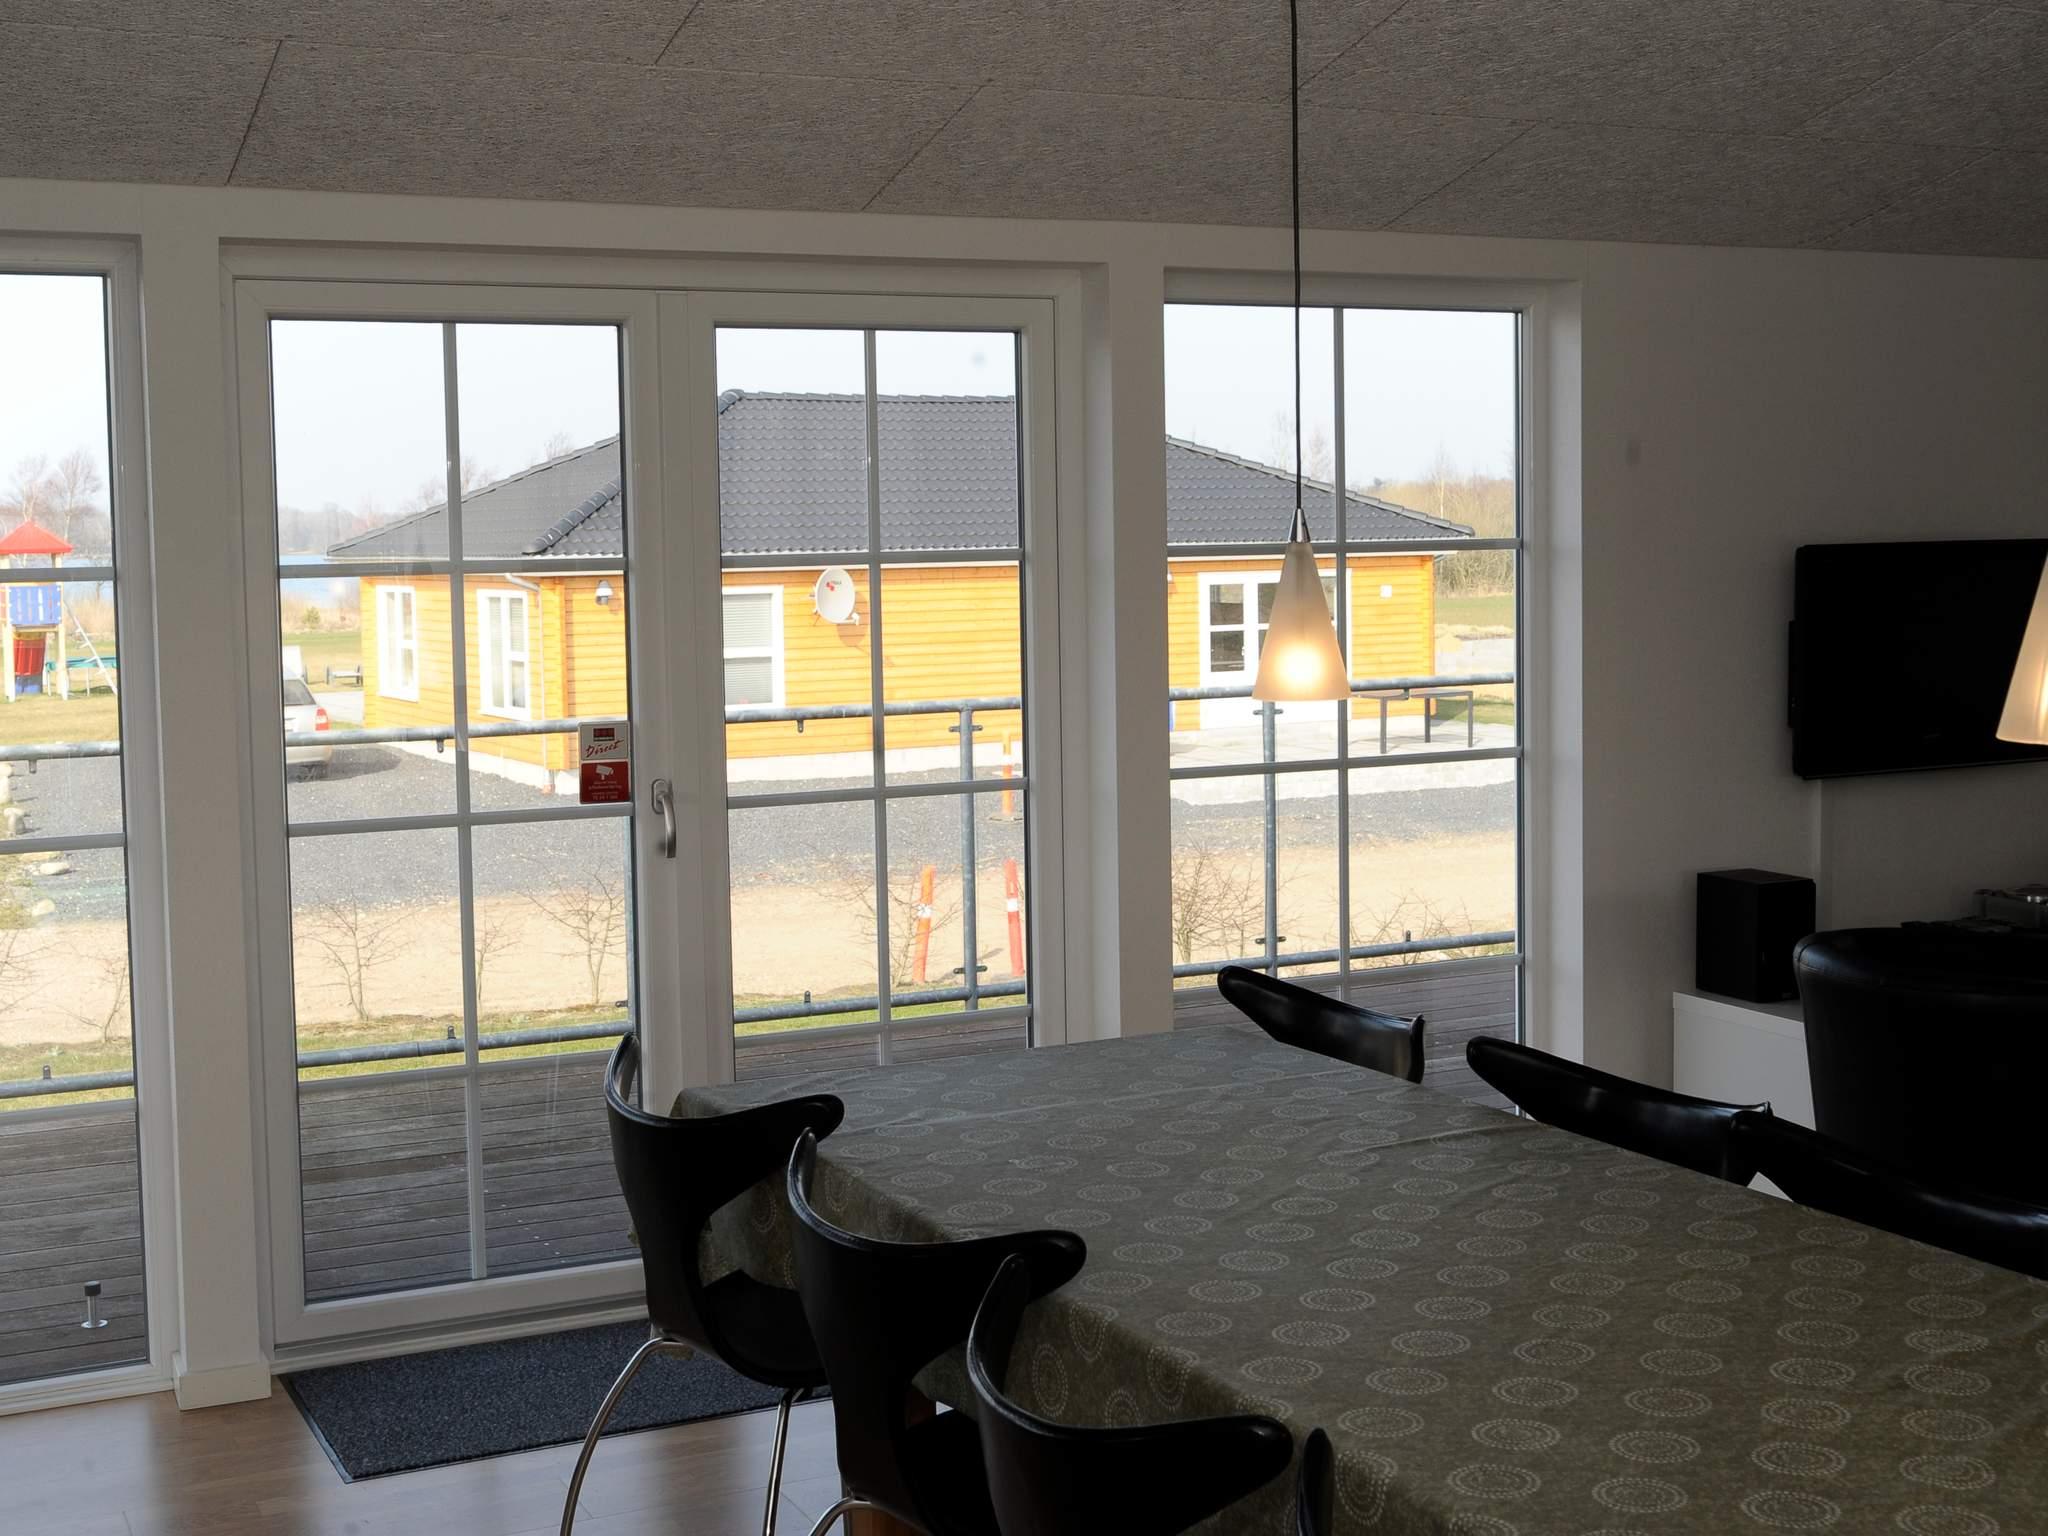 Ferienhaus Kvie Sø (318328), Kvie, , Westjütland, Dänemark, Bild 5